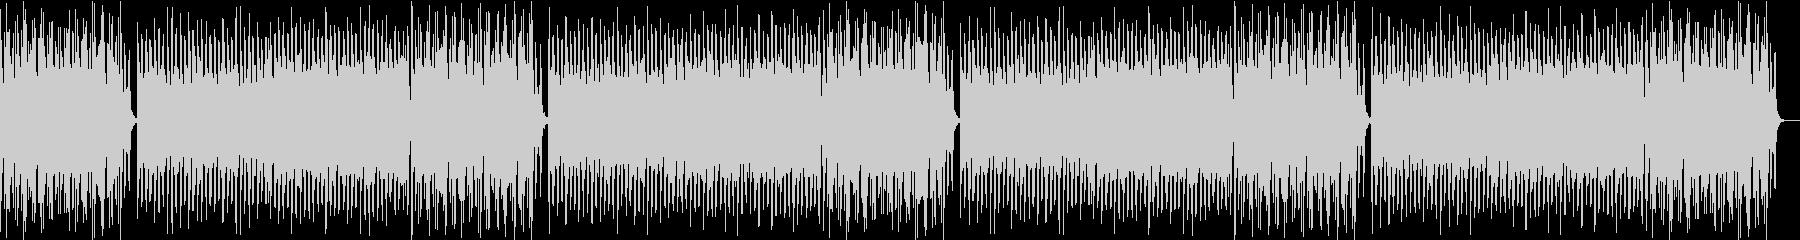 コミカルオーケストラ/カラオケの未再生の波形